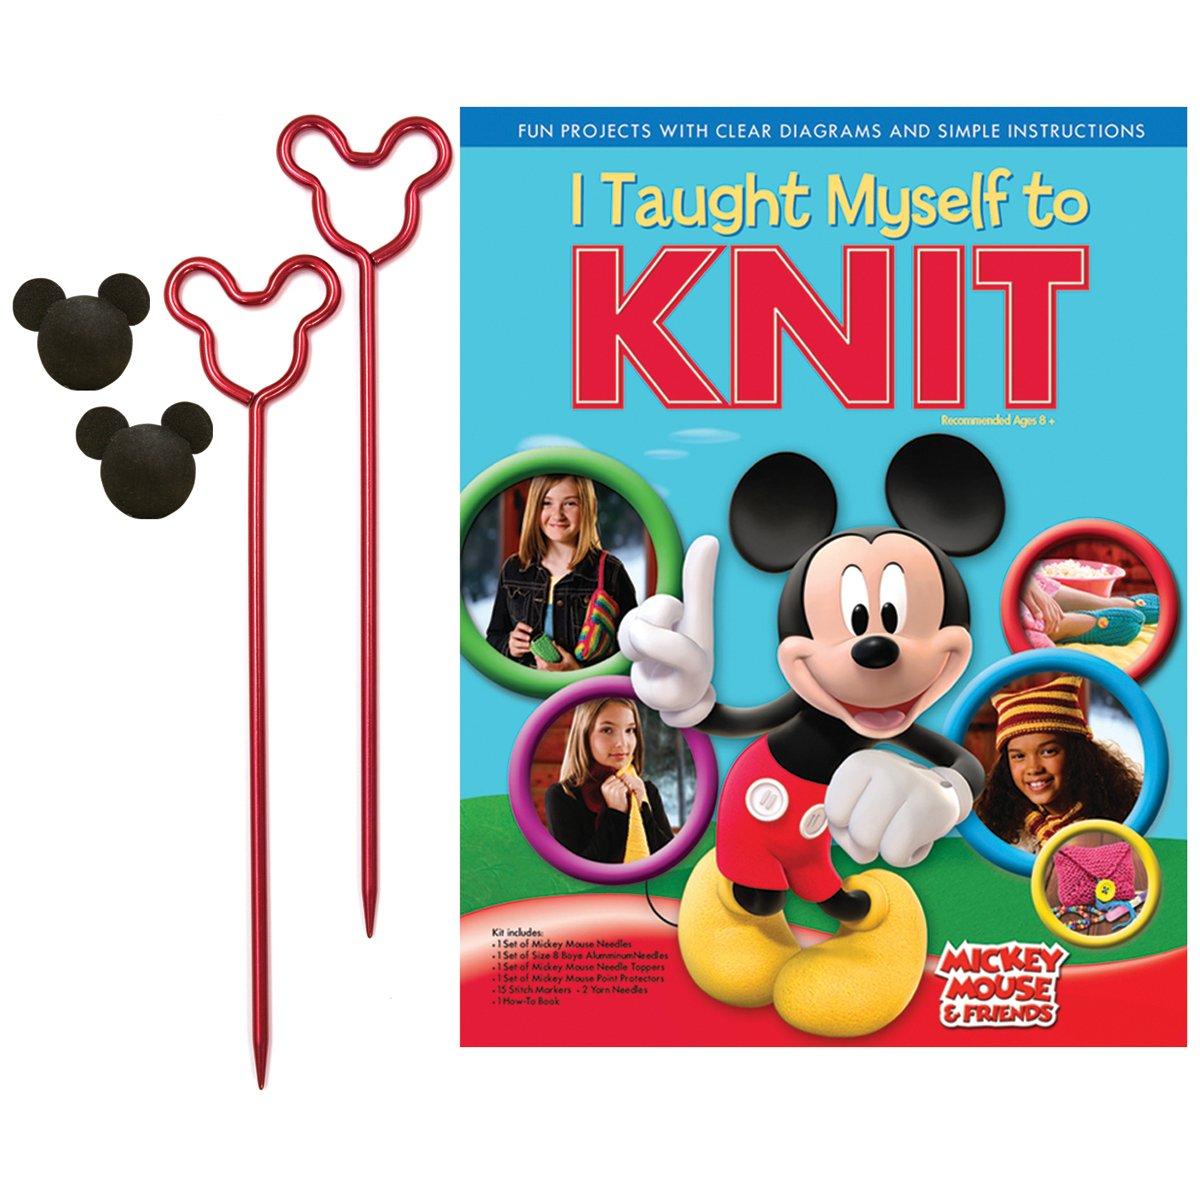 私は自分自身を編むディズニー ミッキー マウスと仲間を教え B001R50L3S